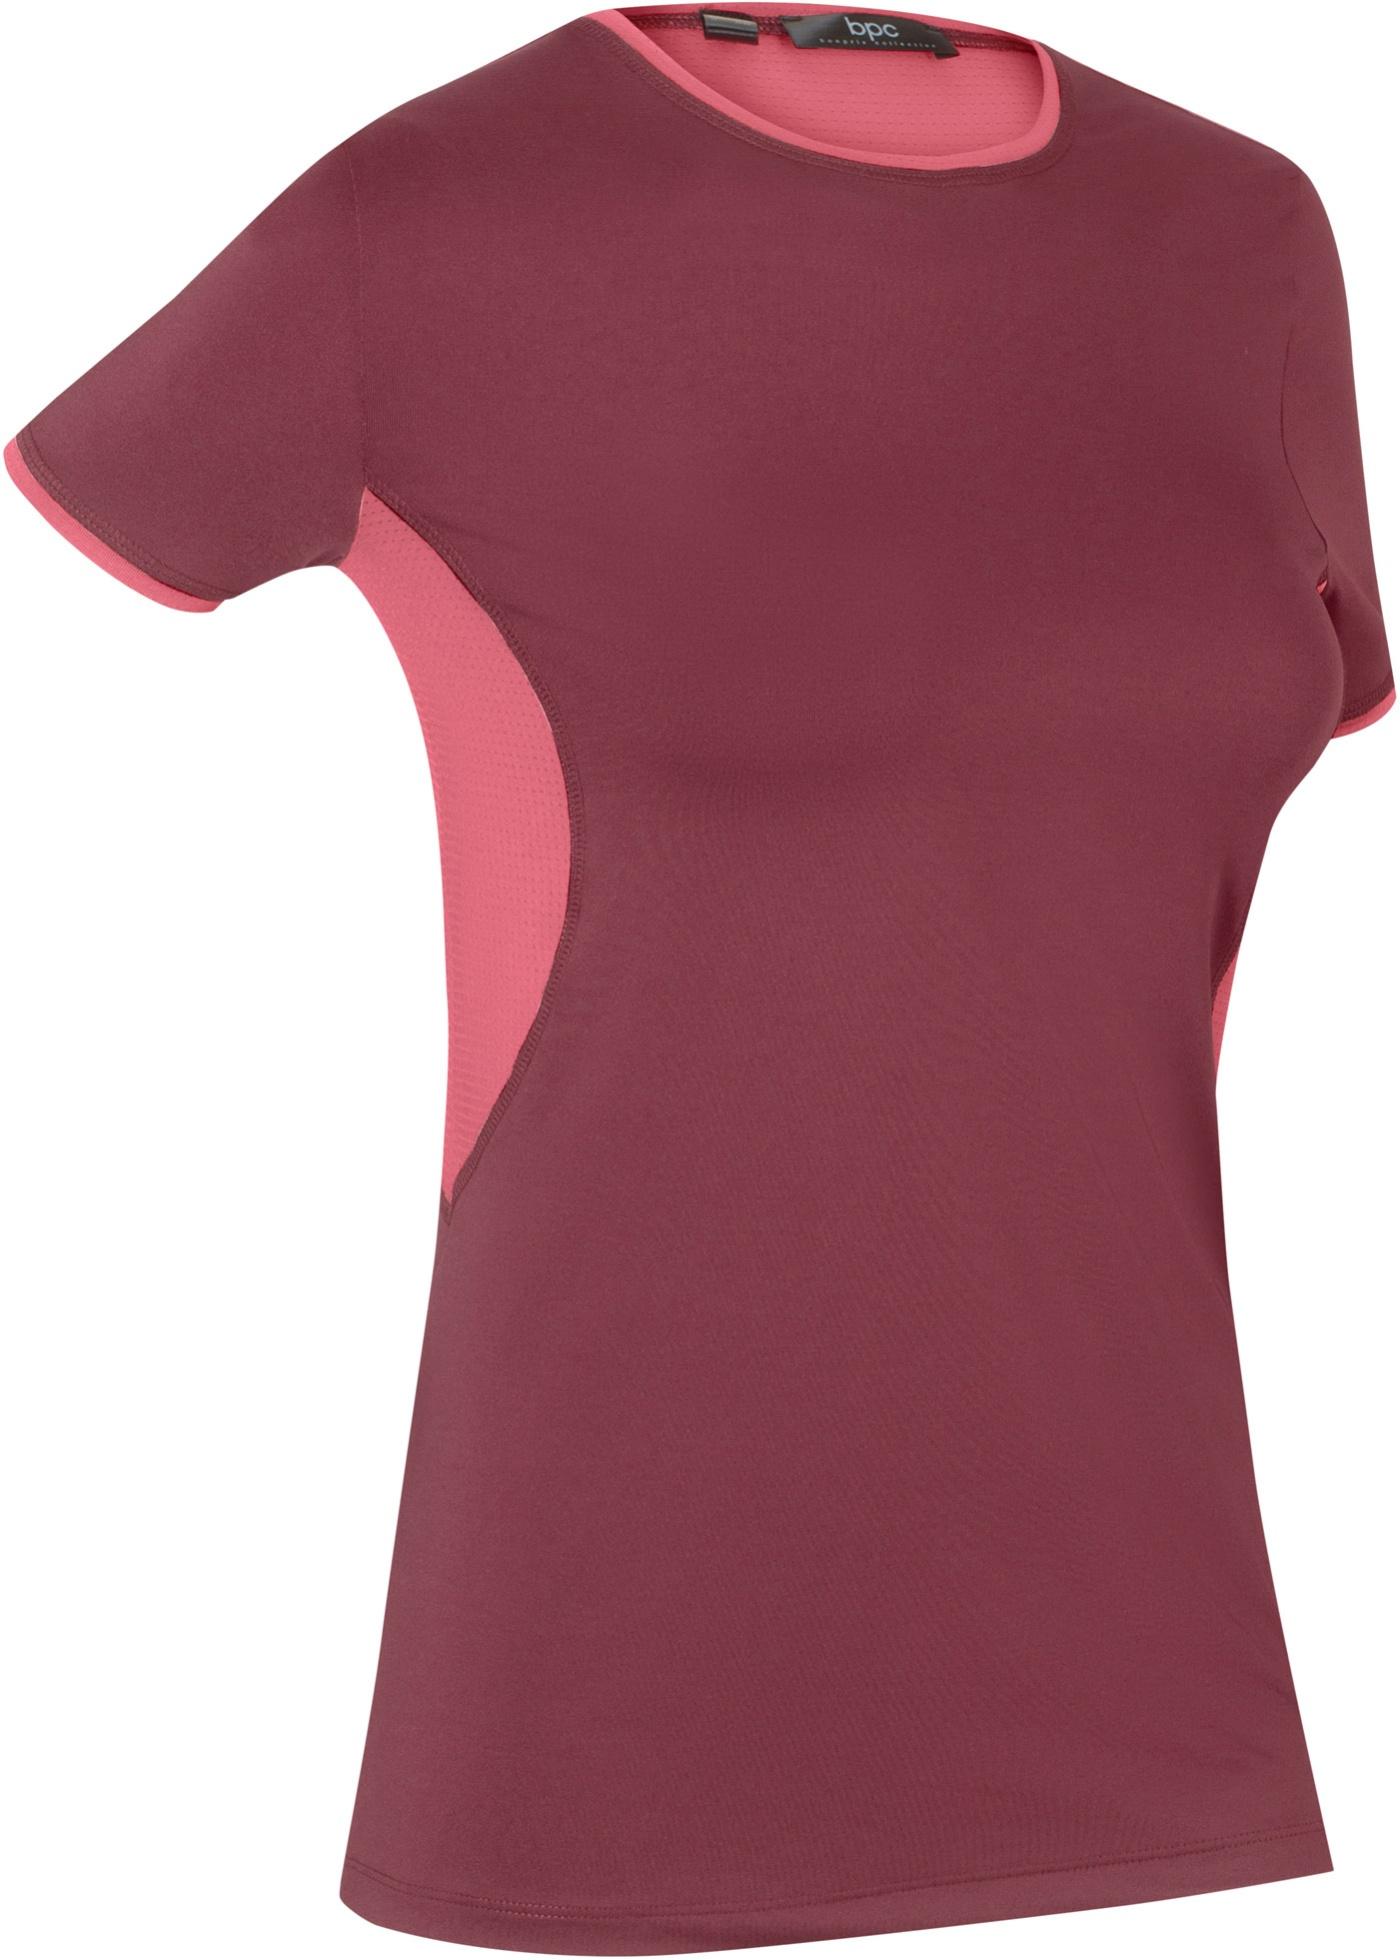 T-shirt de sport avec mesh, manches courtes